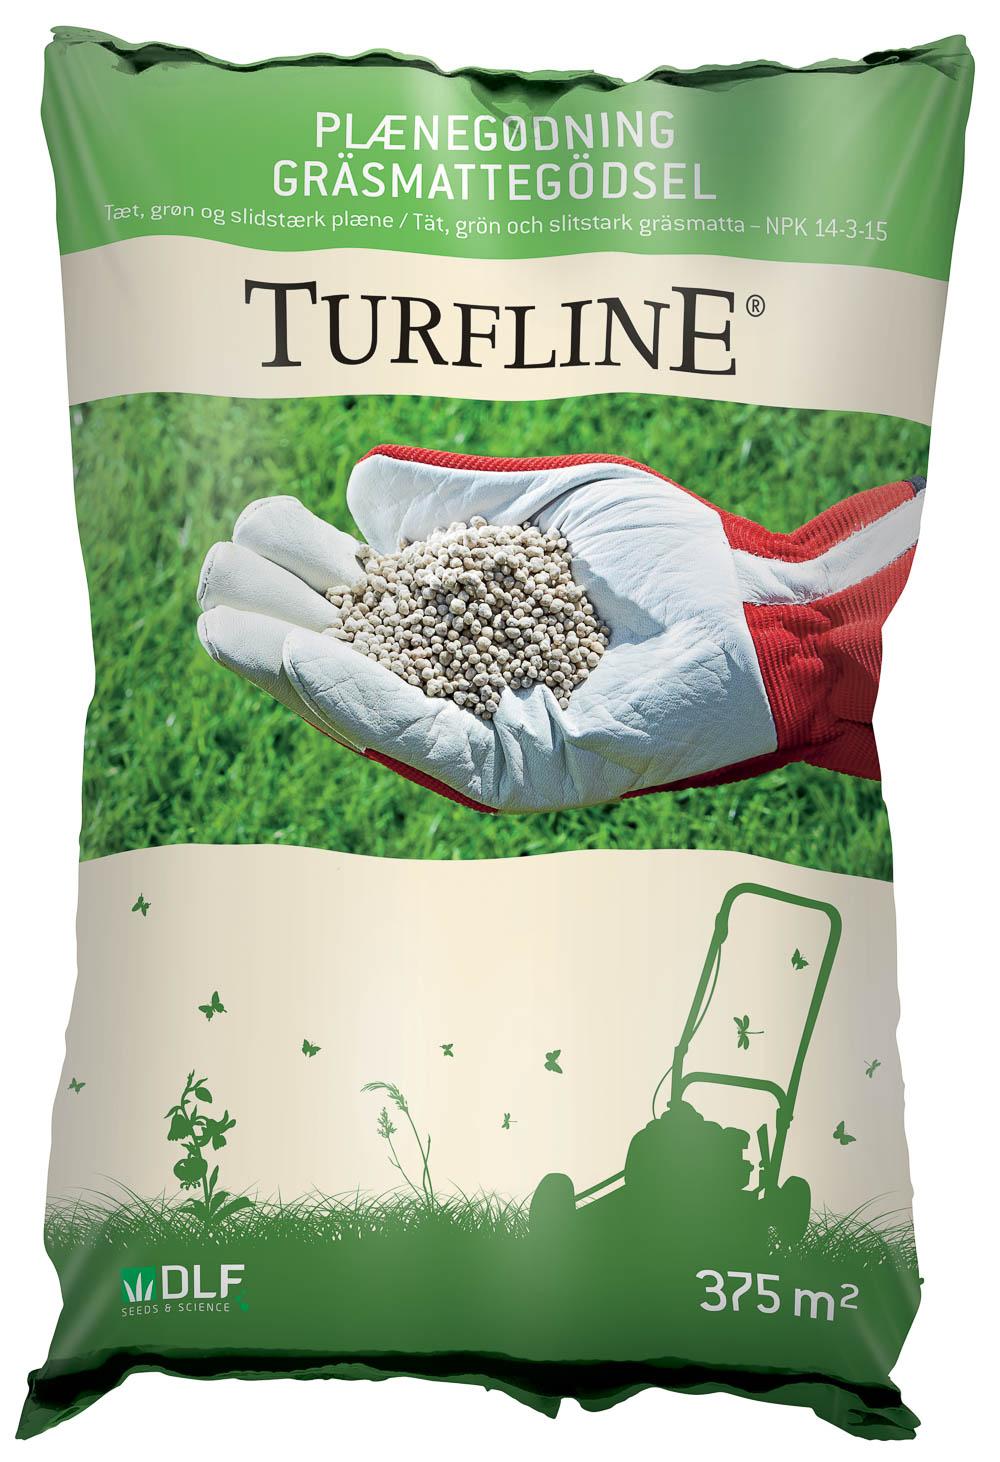 Turfline Plænegødning (mineralsk) NPK 14-3-15 7,5 kg.